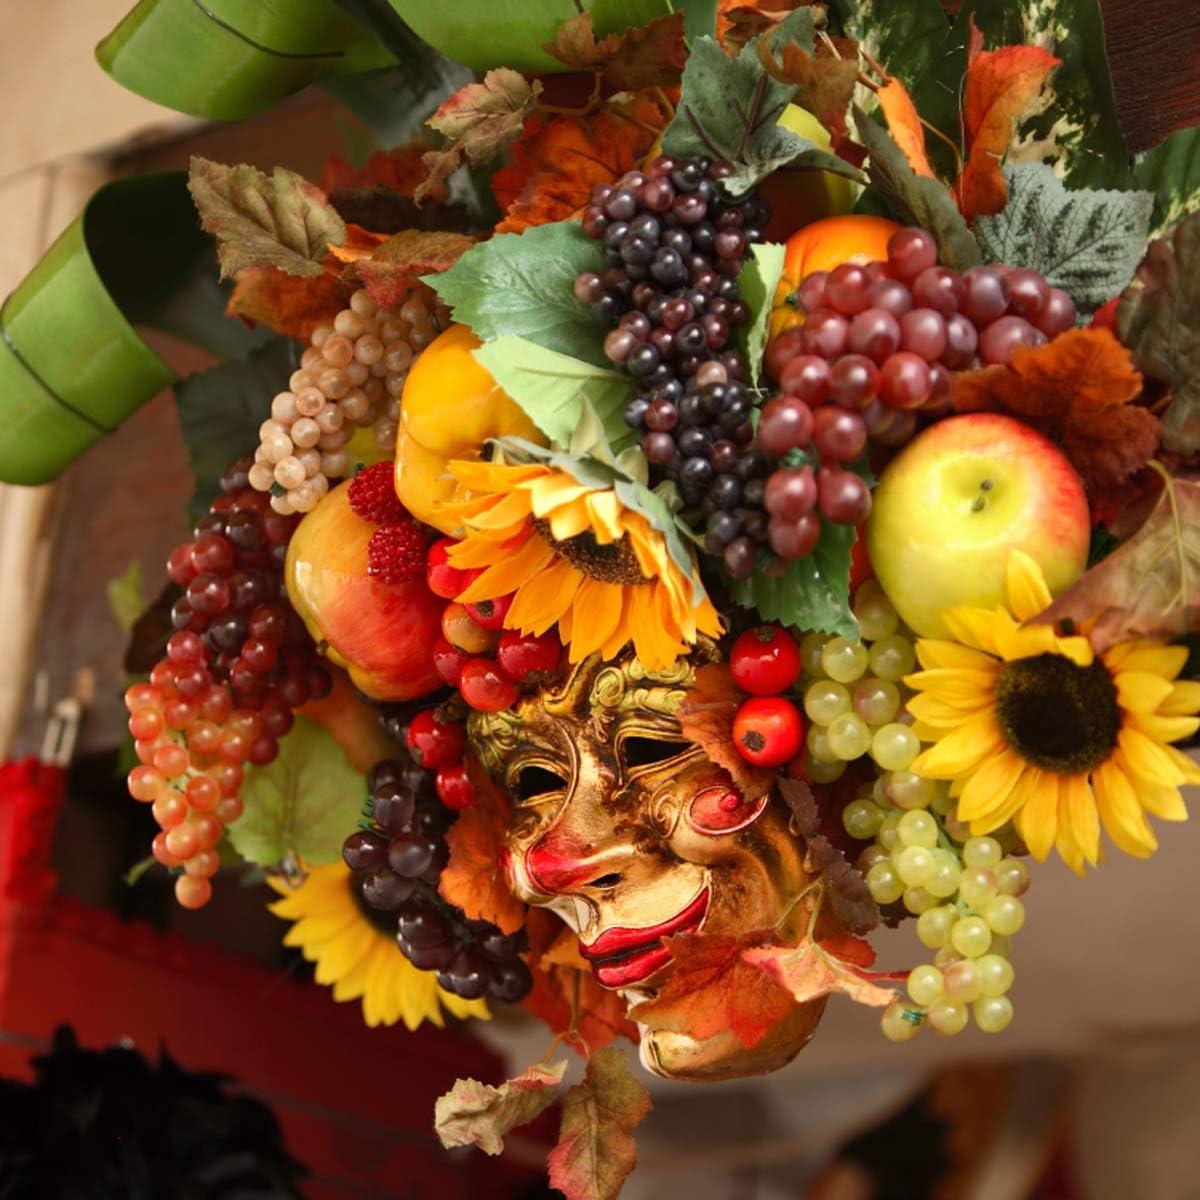 Frutas Artificiales Decoracion, Conjunto Frutta Finta decorativa ...